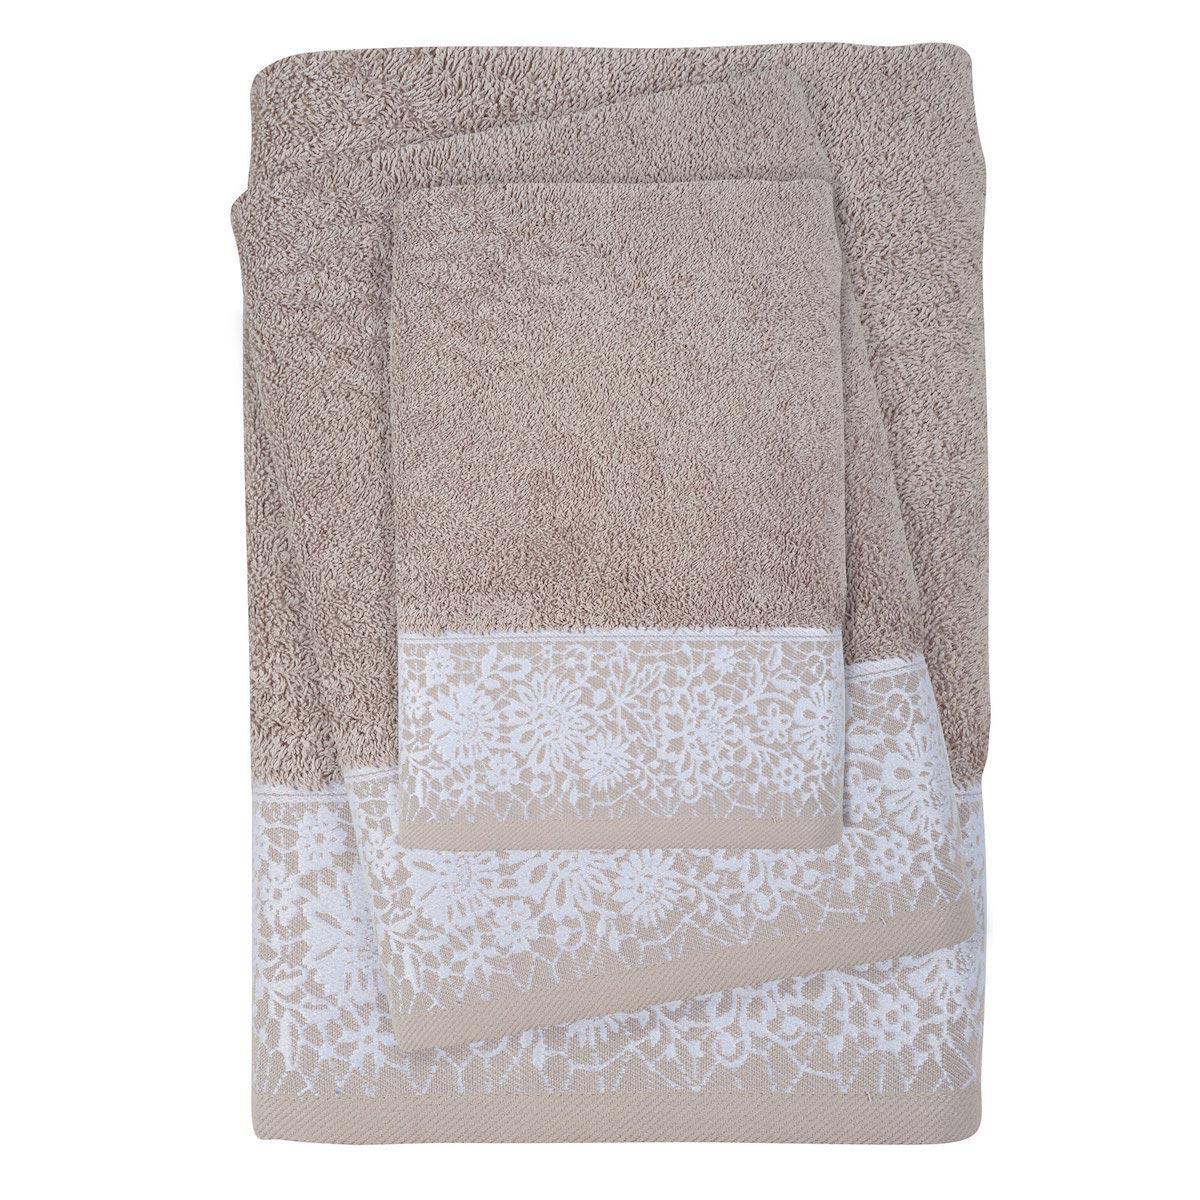 Πετσέτες Μπάνιου (Σετ 3τμχ) Das Home Daily Line 0433 Beige